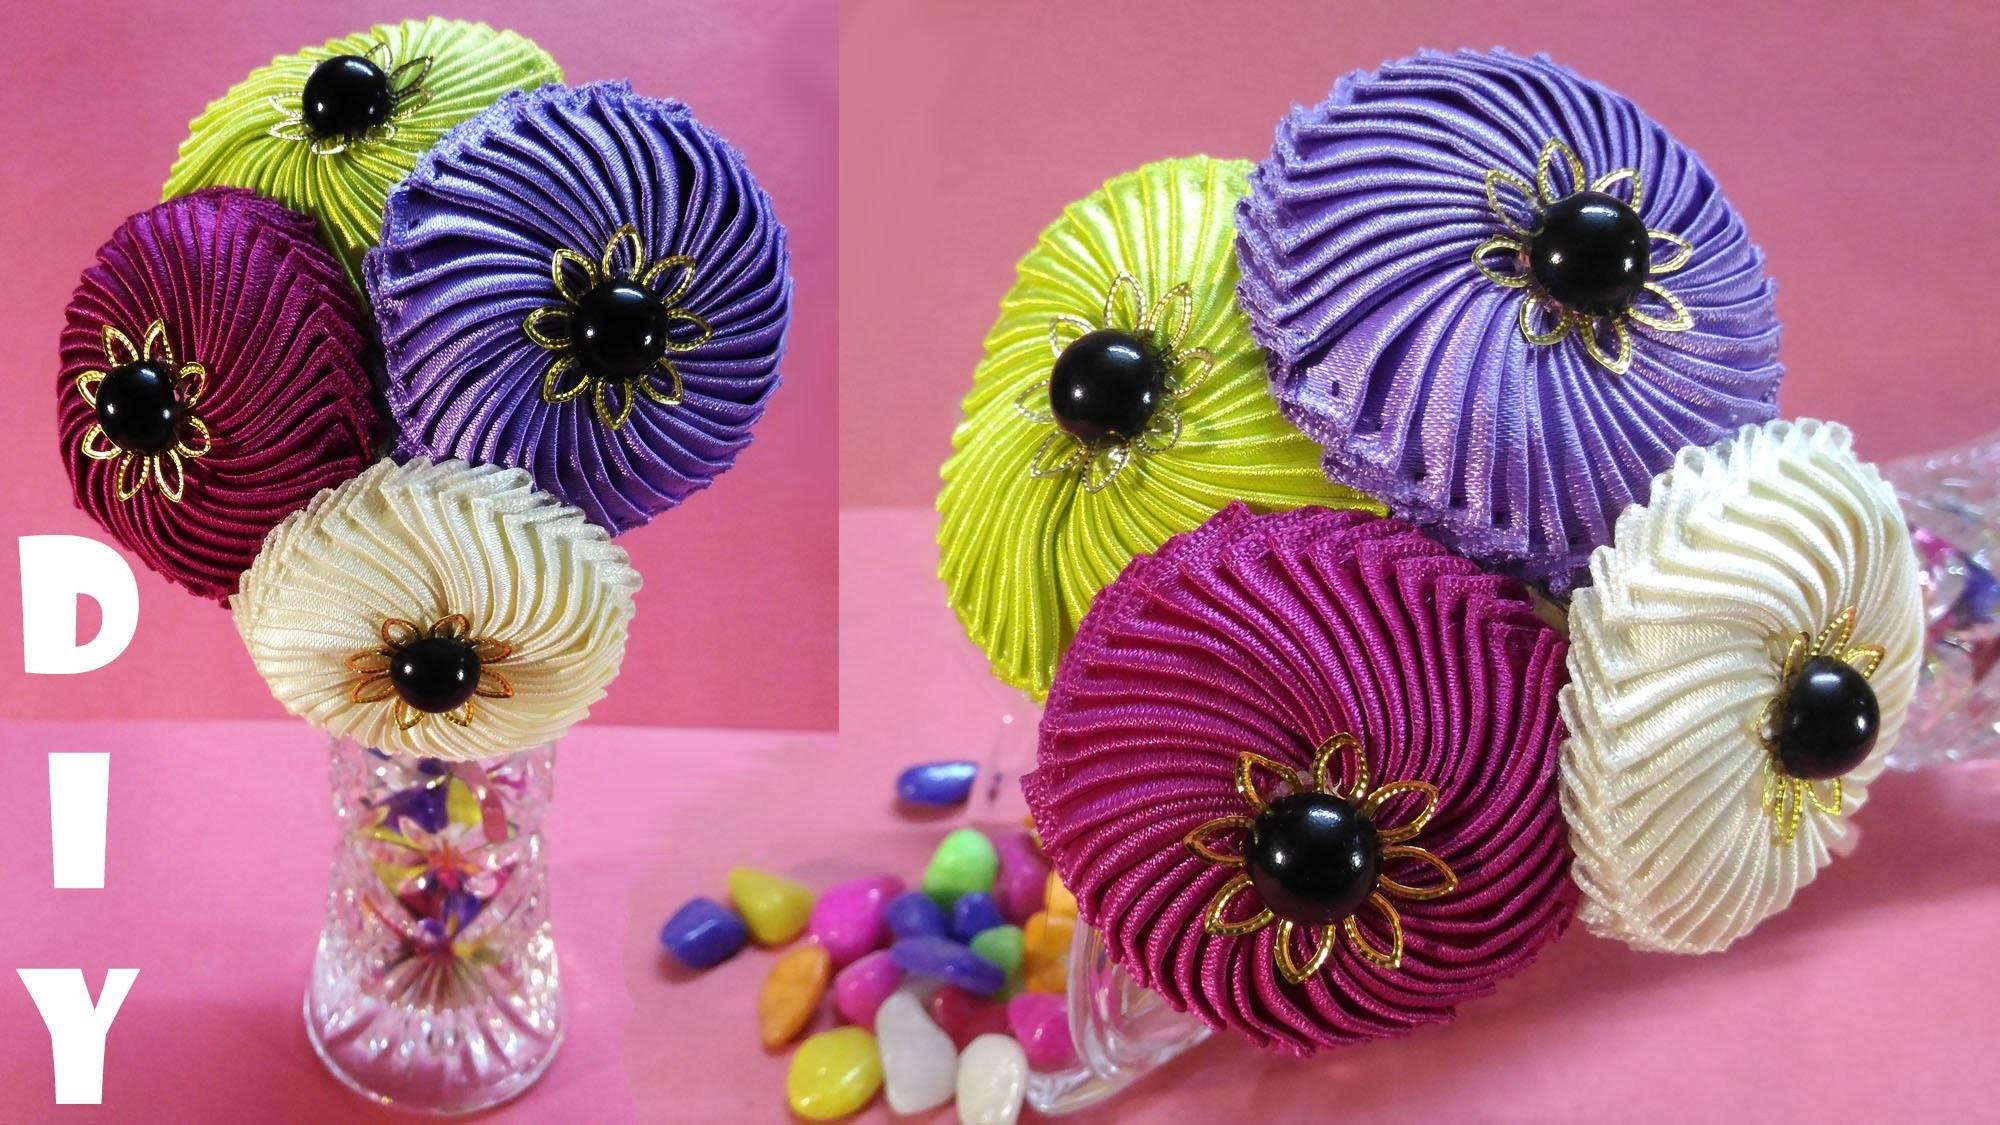 ❆❆❆ D.I.Y. Spiral Flower Headband for Spring ❆❆❆